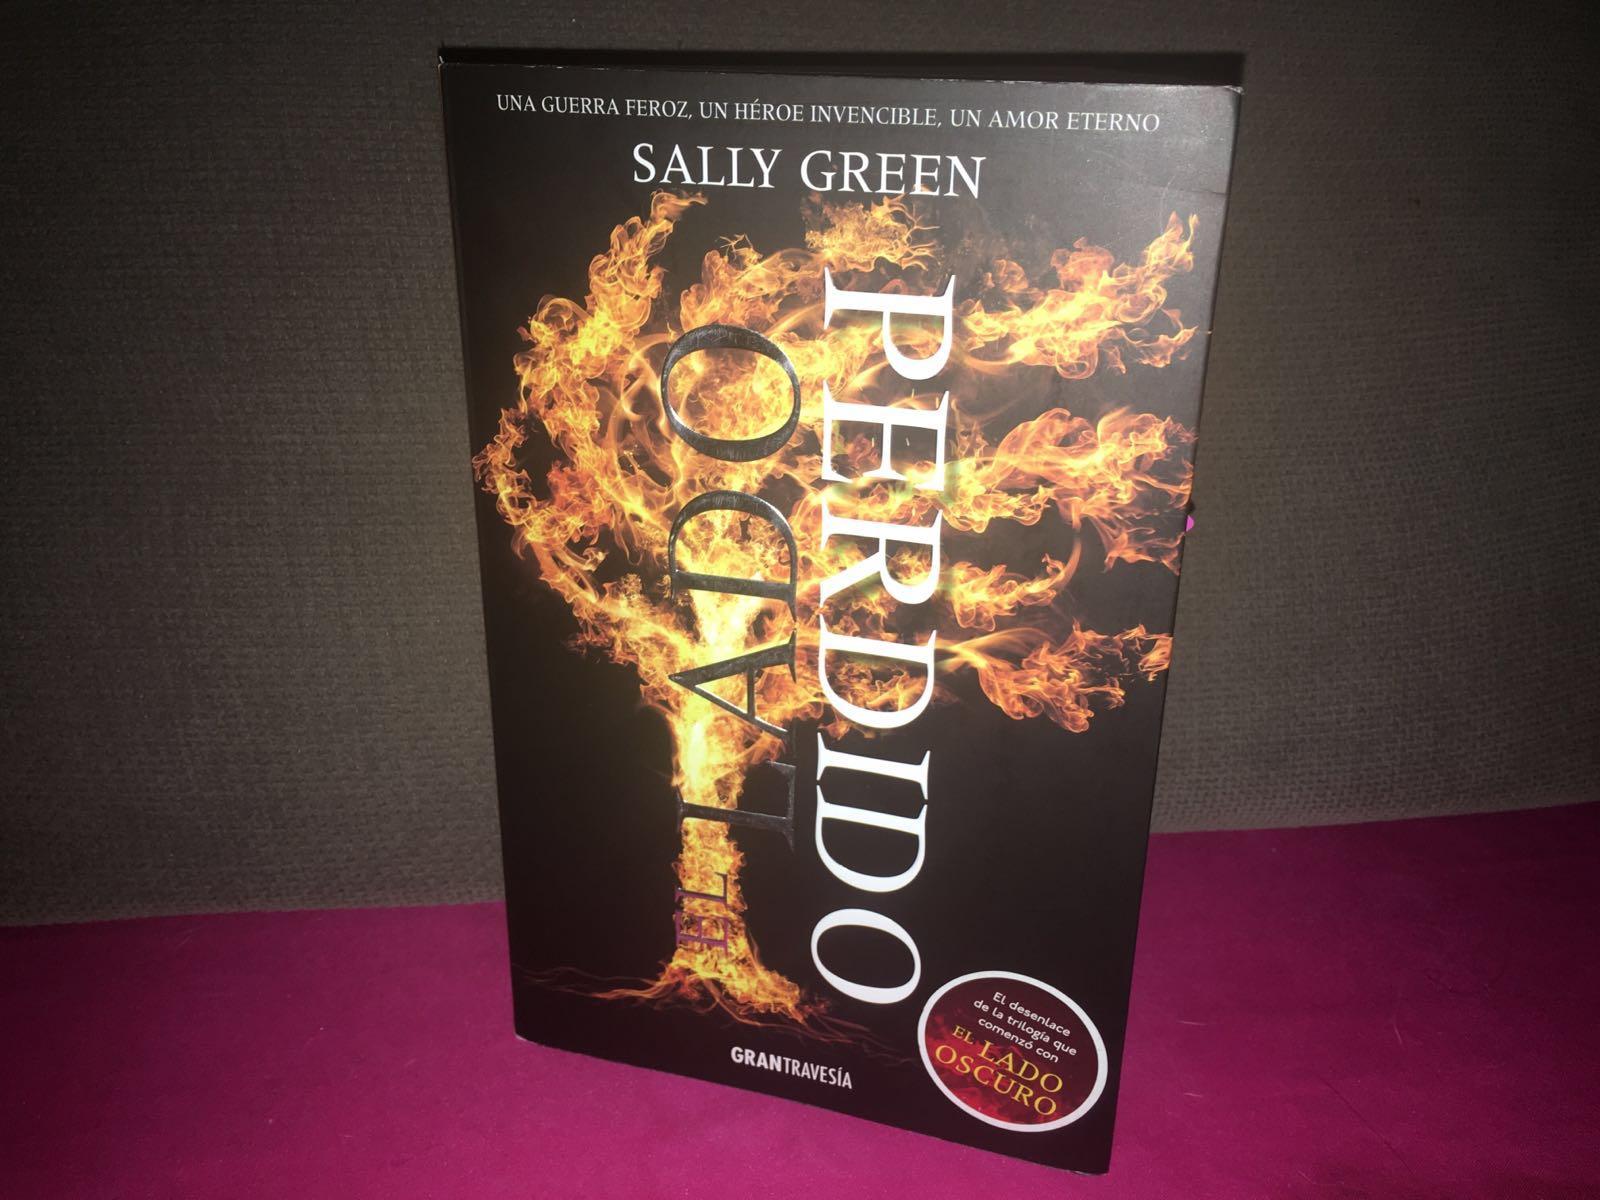 El lado perdido, de Sally Green